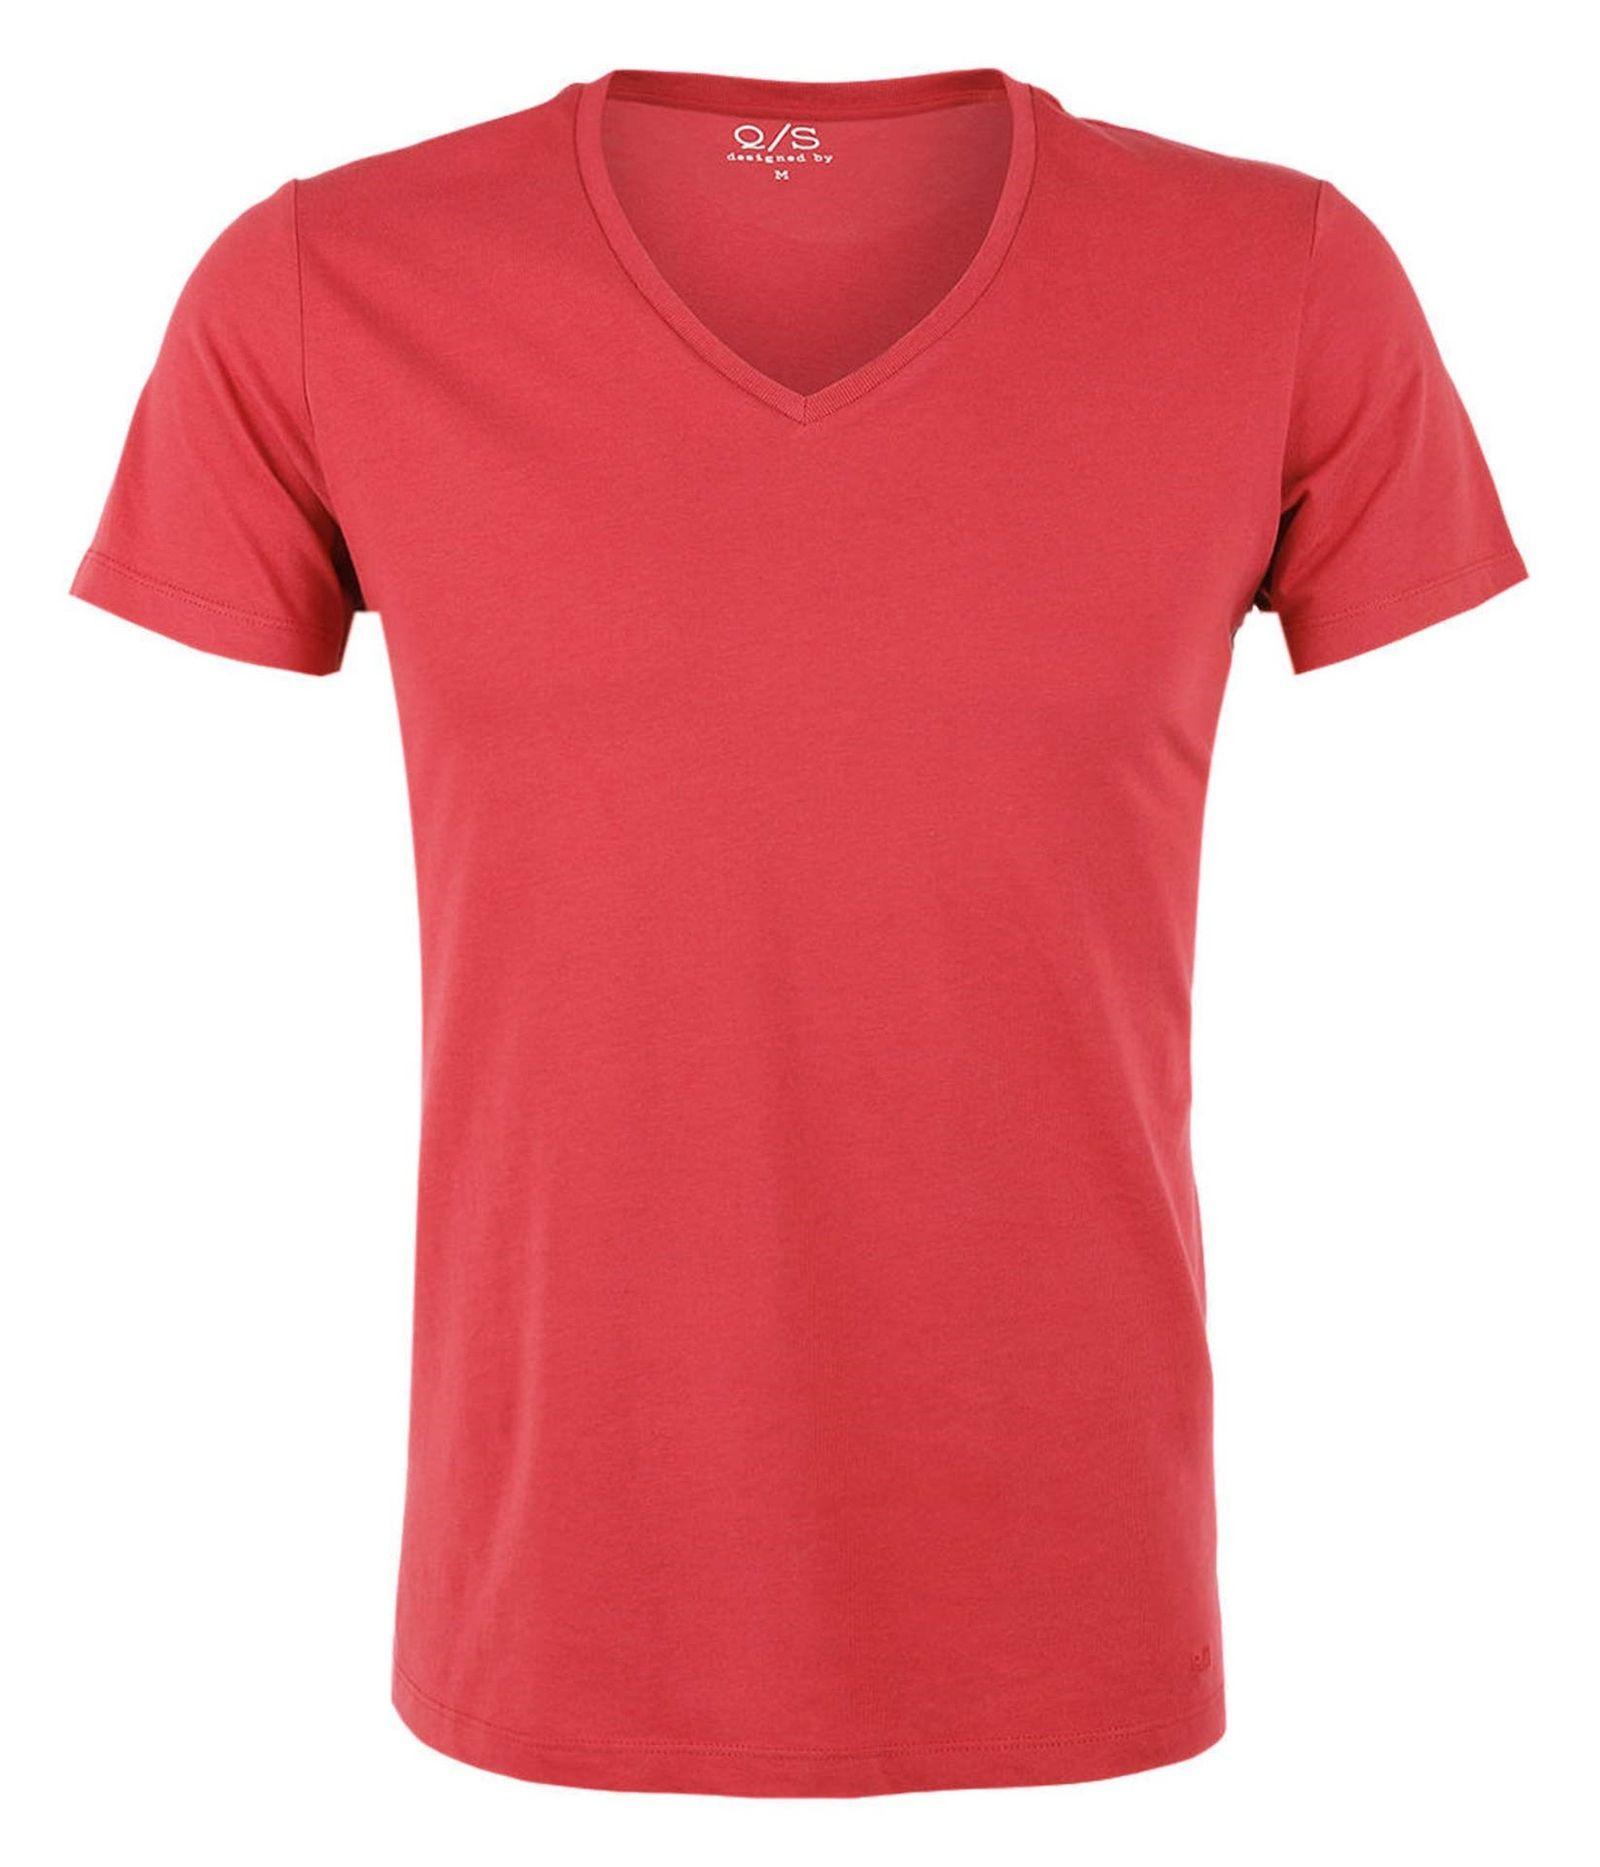 تی شرت نخی یقه هفت مردانه - اس.اولیور - قرمز - 1